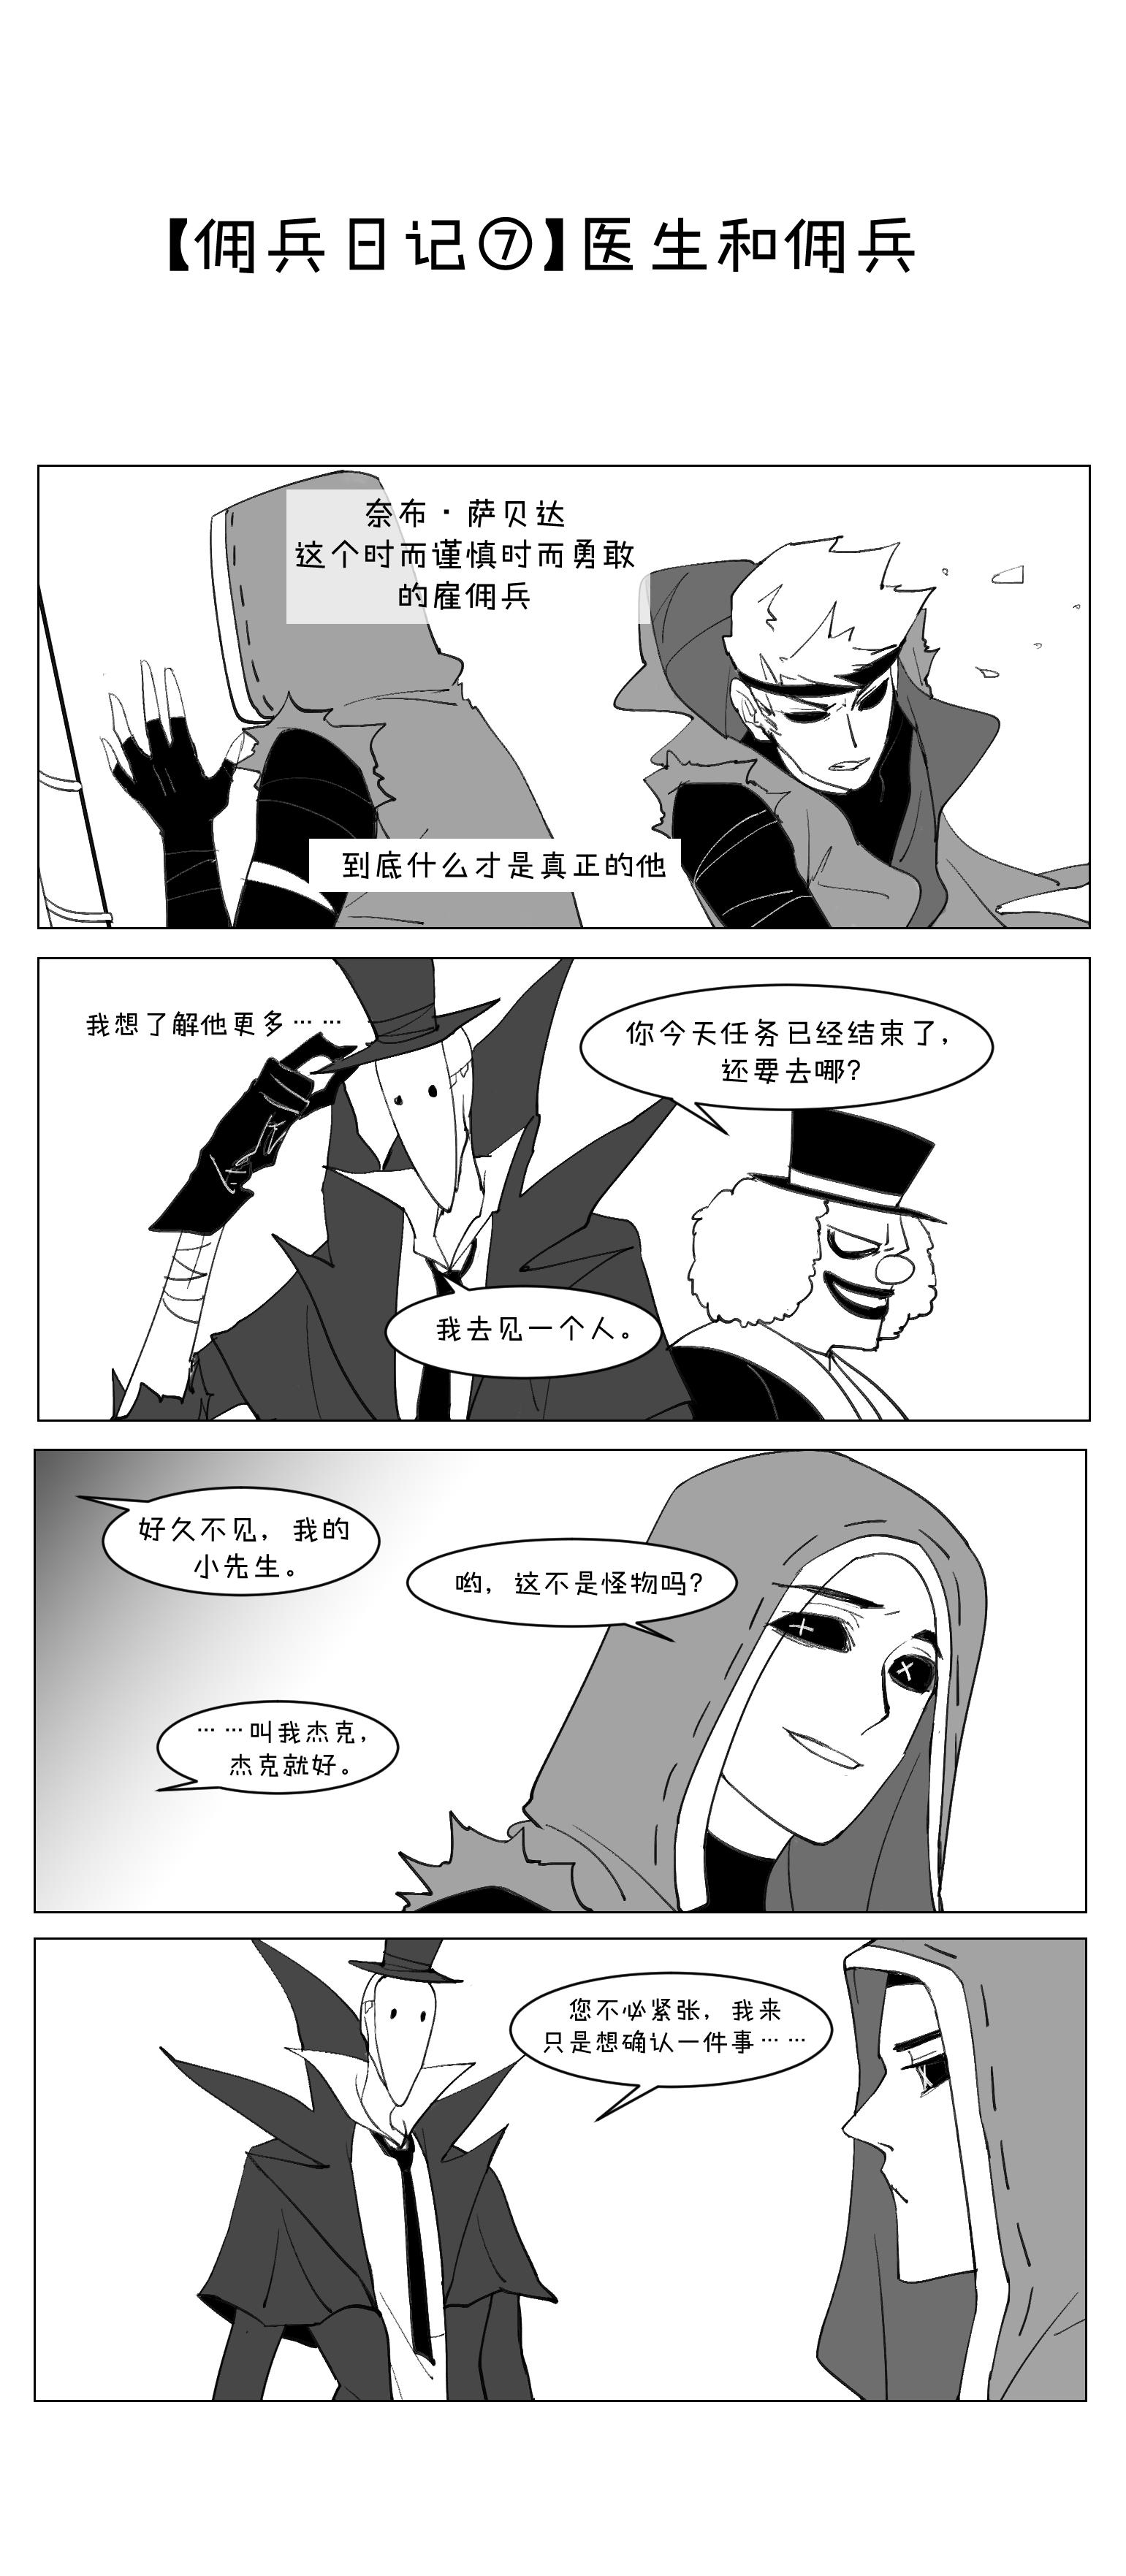 【佣兵日记⑦⑧】医生和佣兵的关系